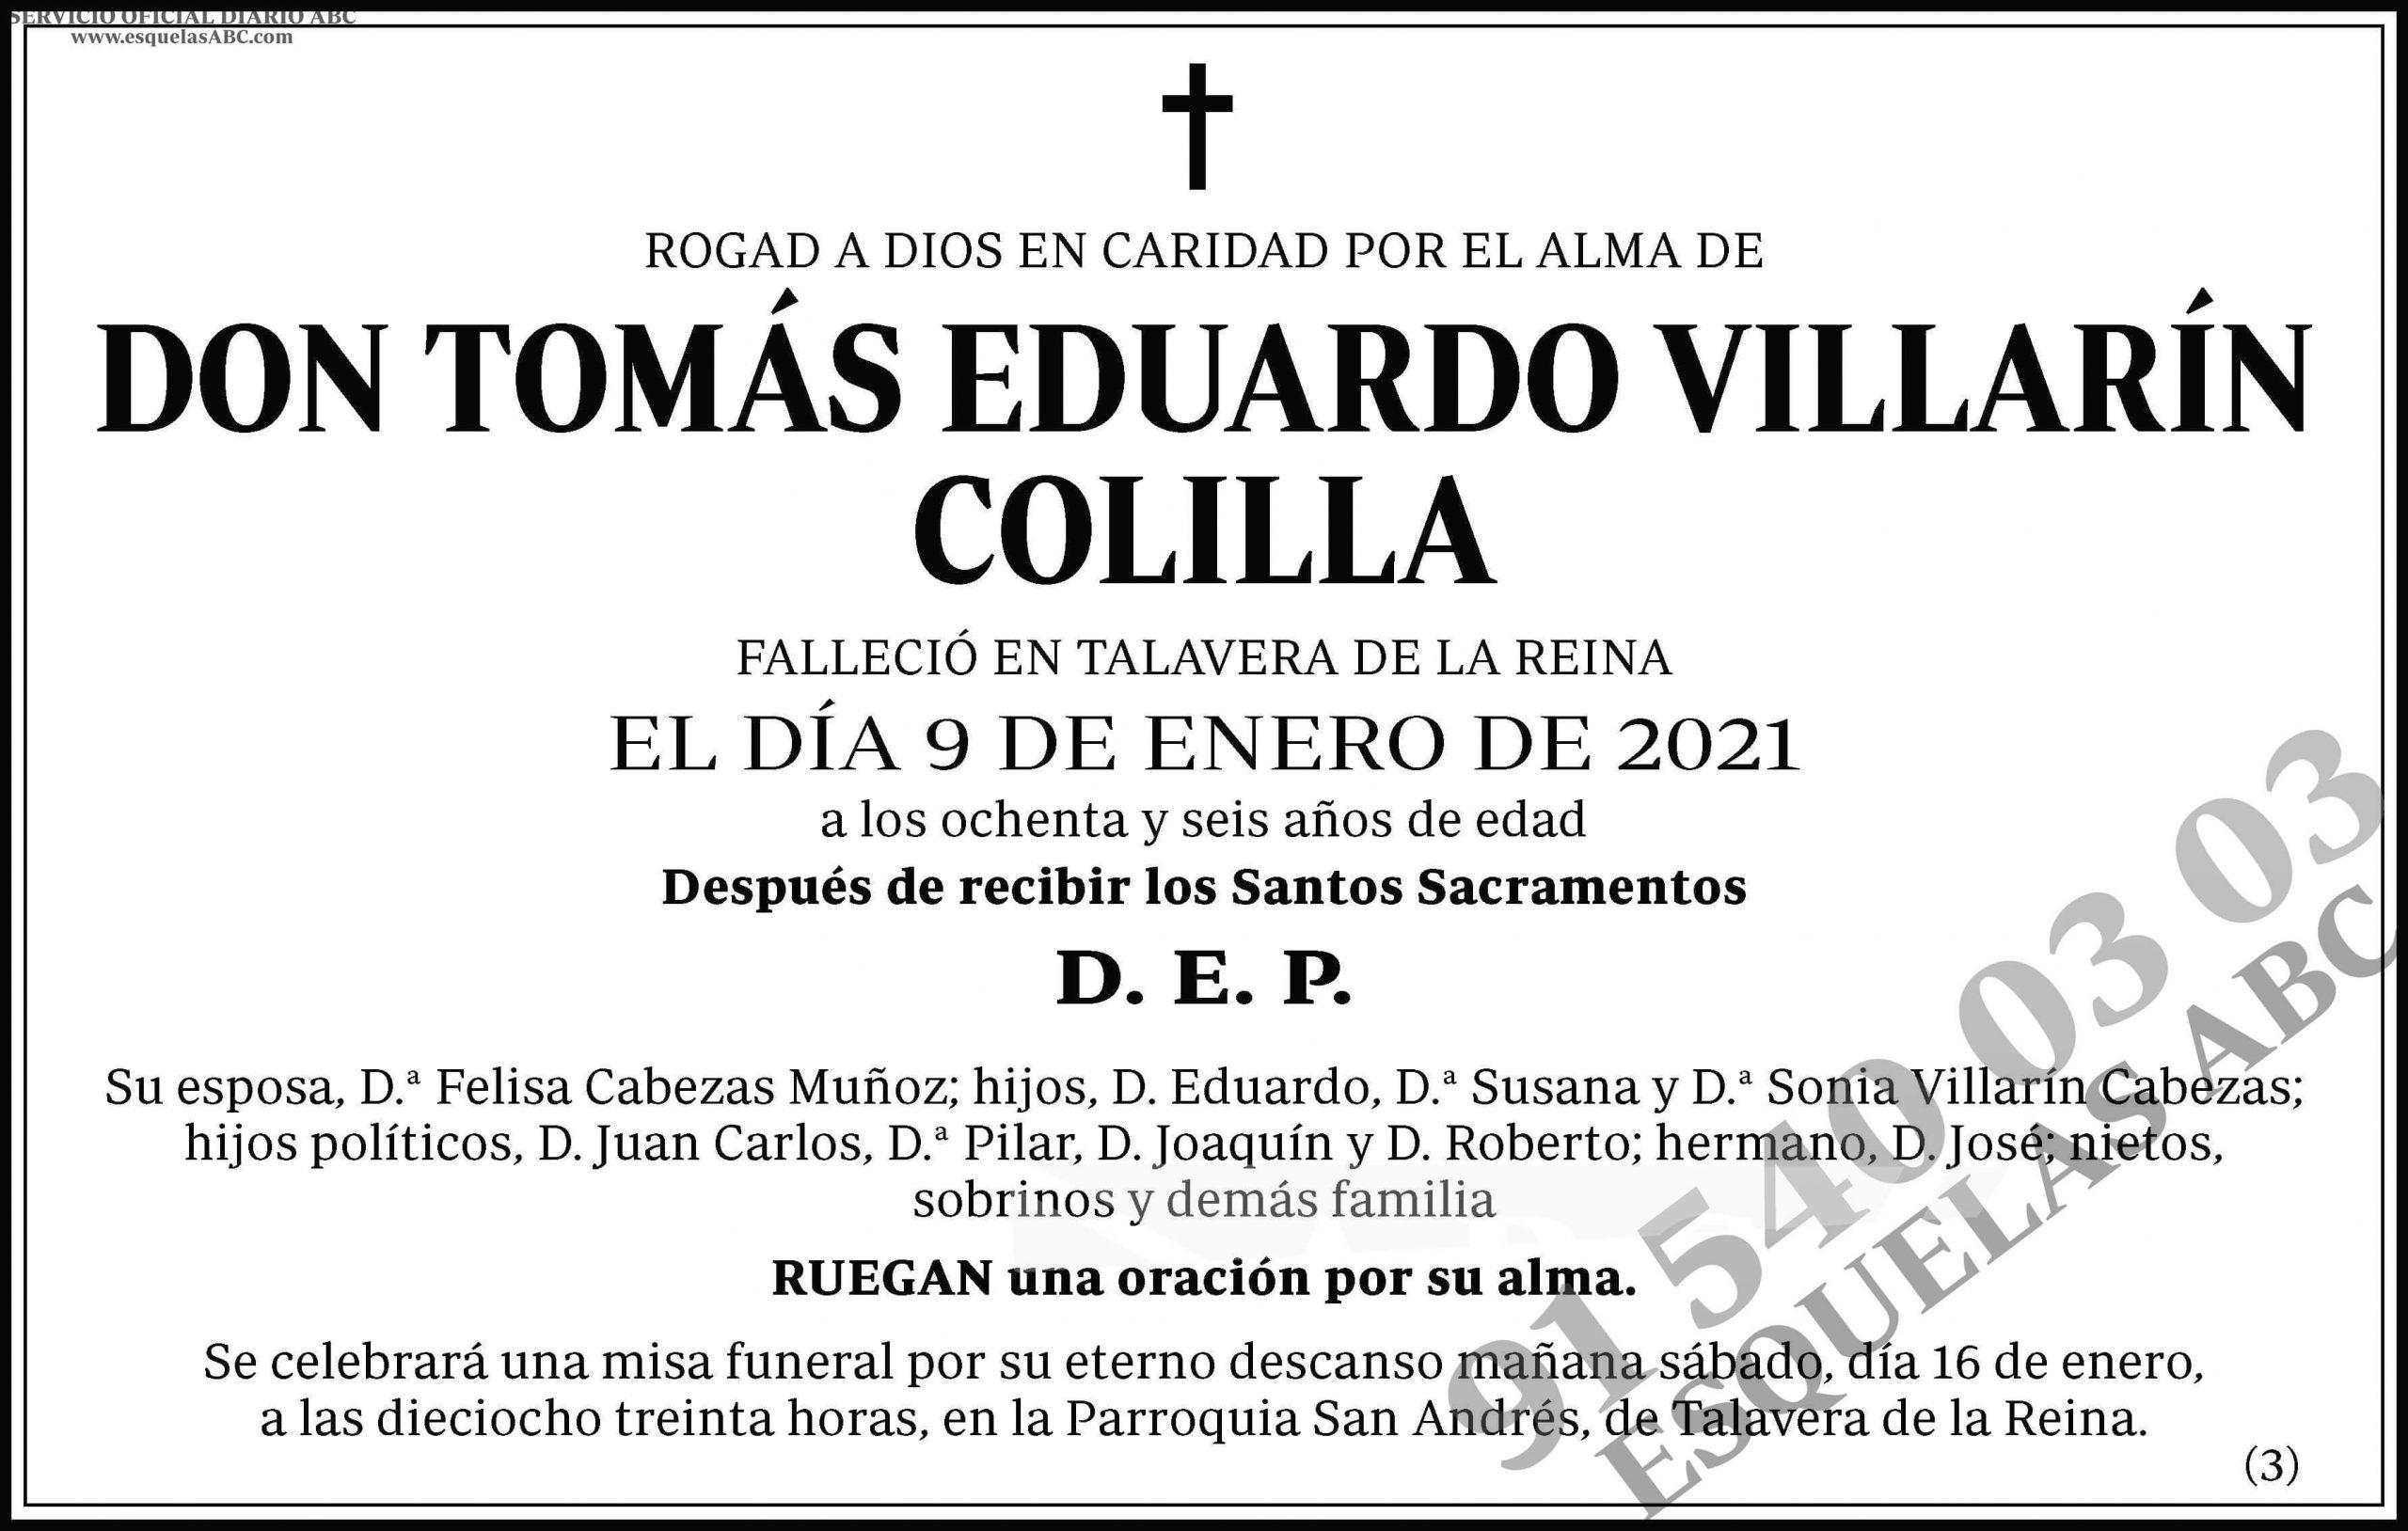 Tomás Eduardo Villarín Colilla